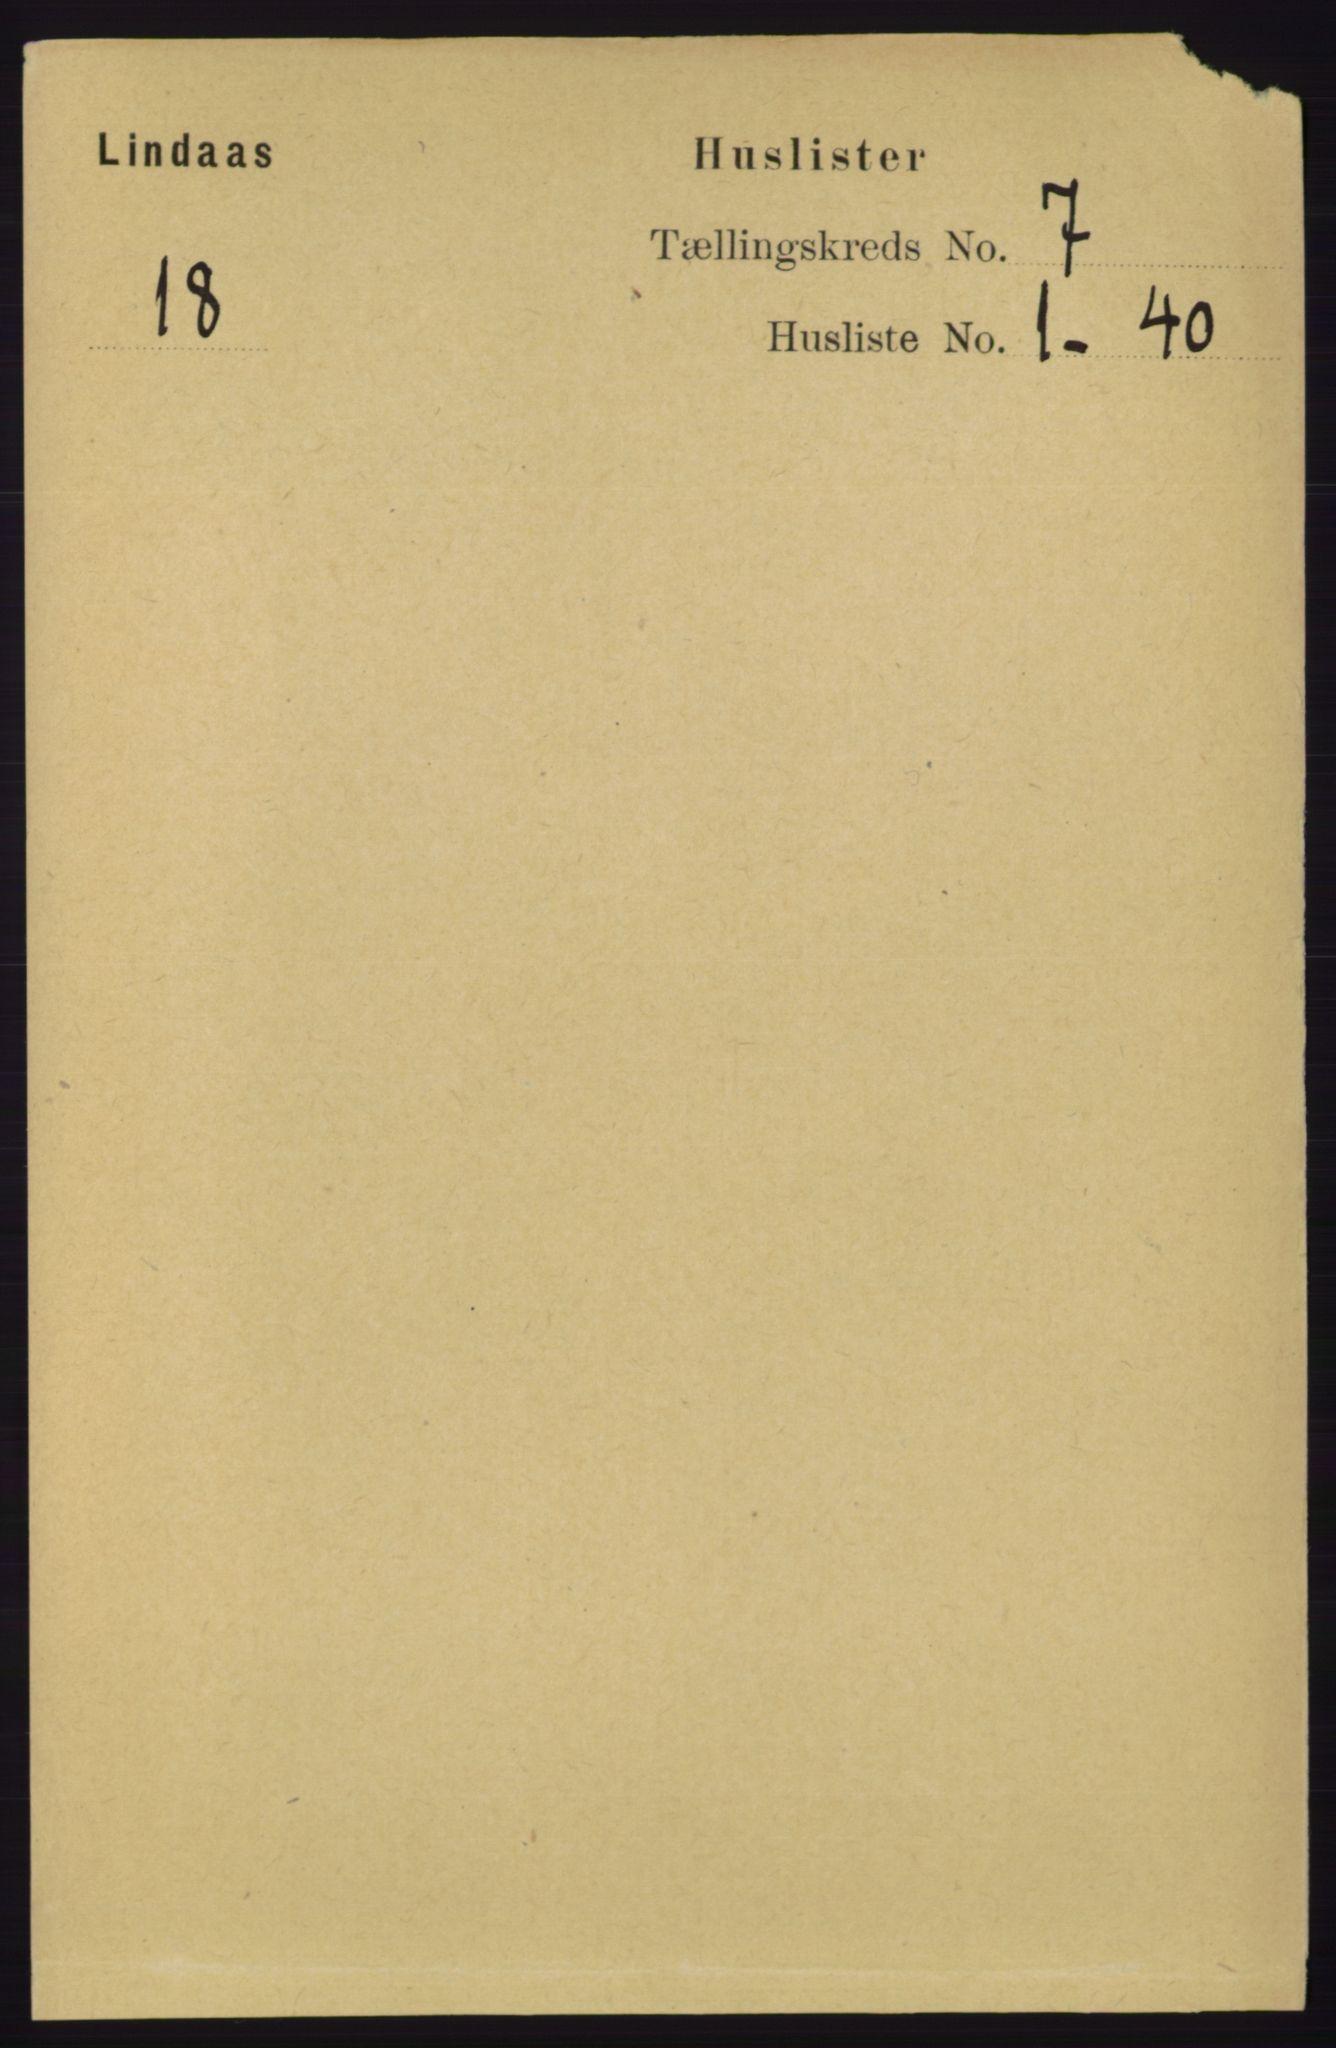 RA, Folketelling 1891 for 1263 Lindås herred, 1891, s. 2034